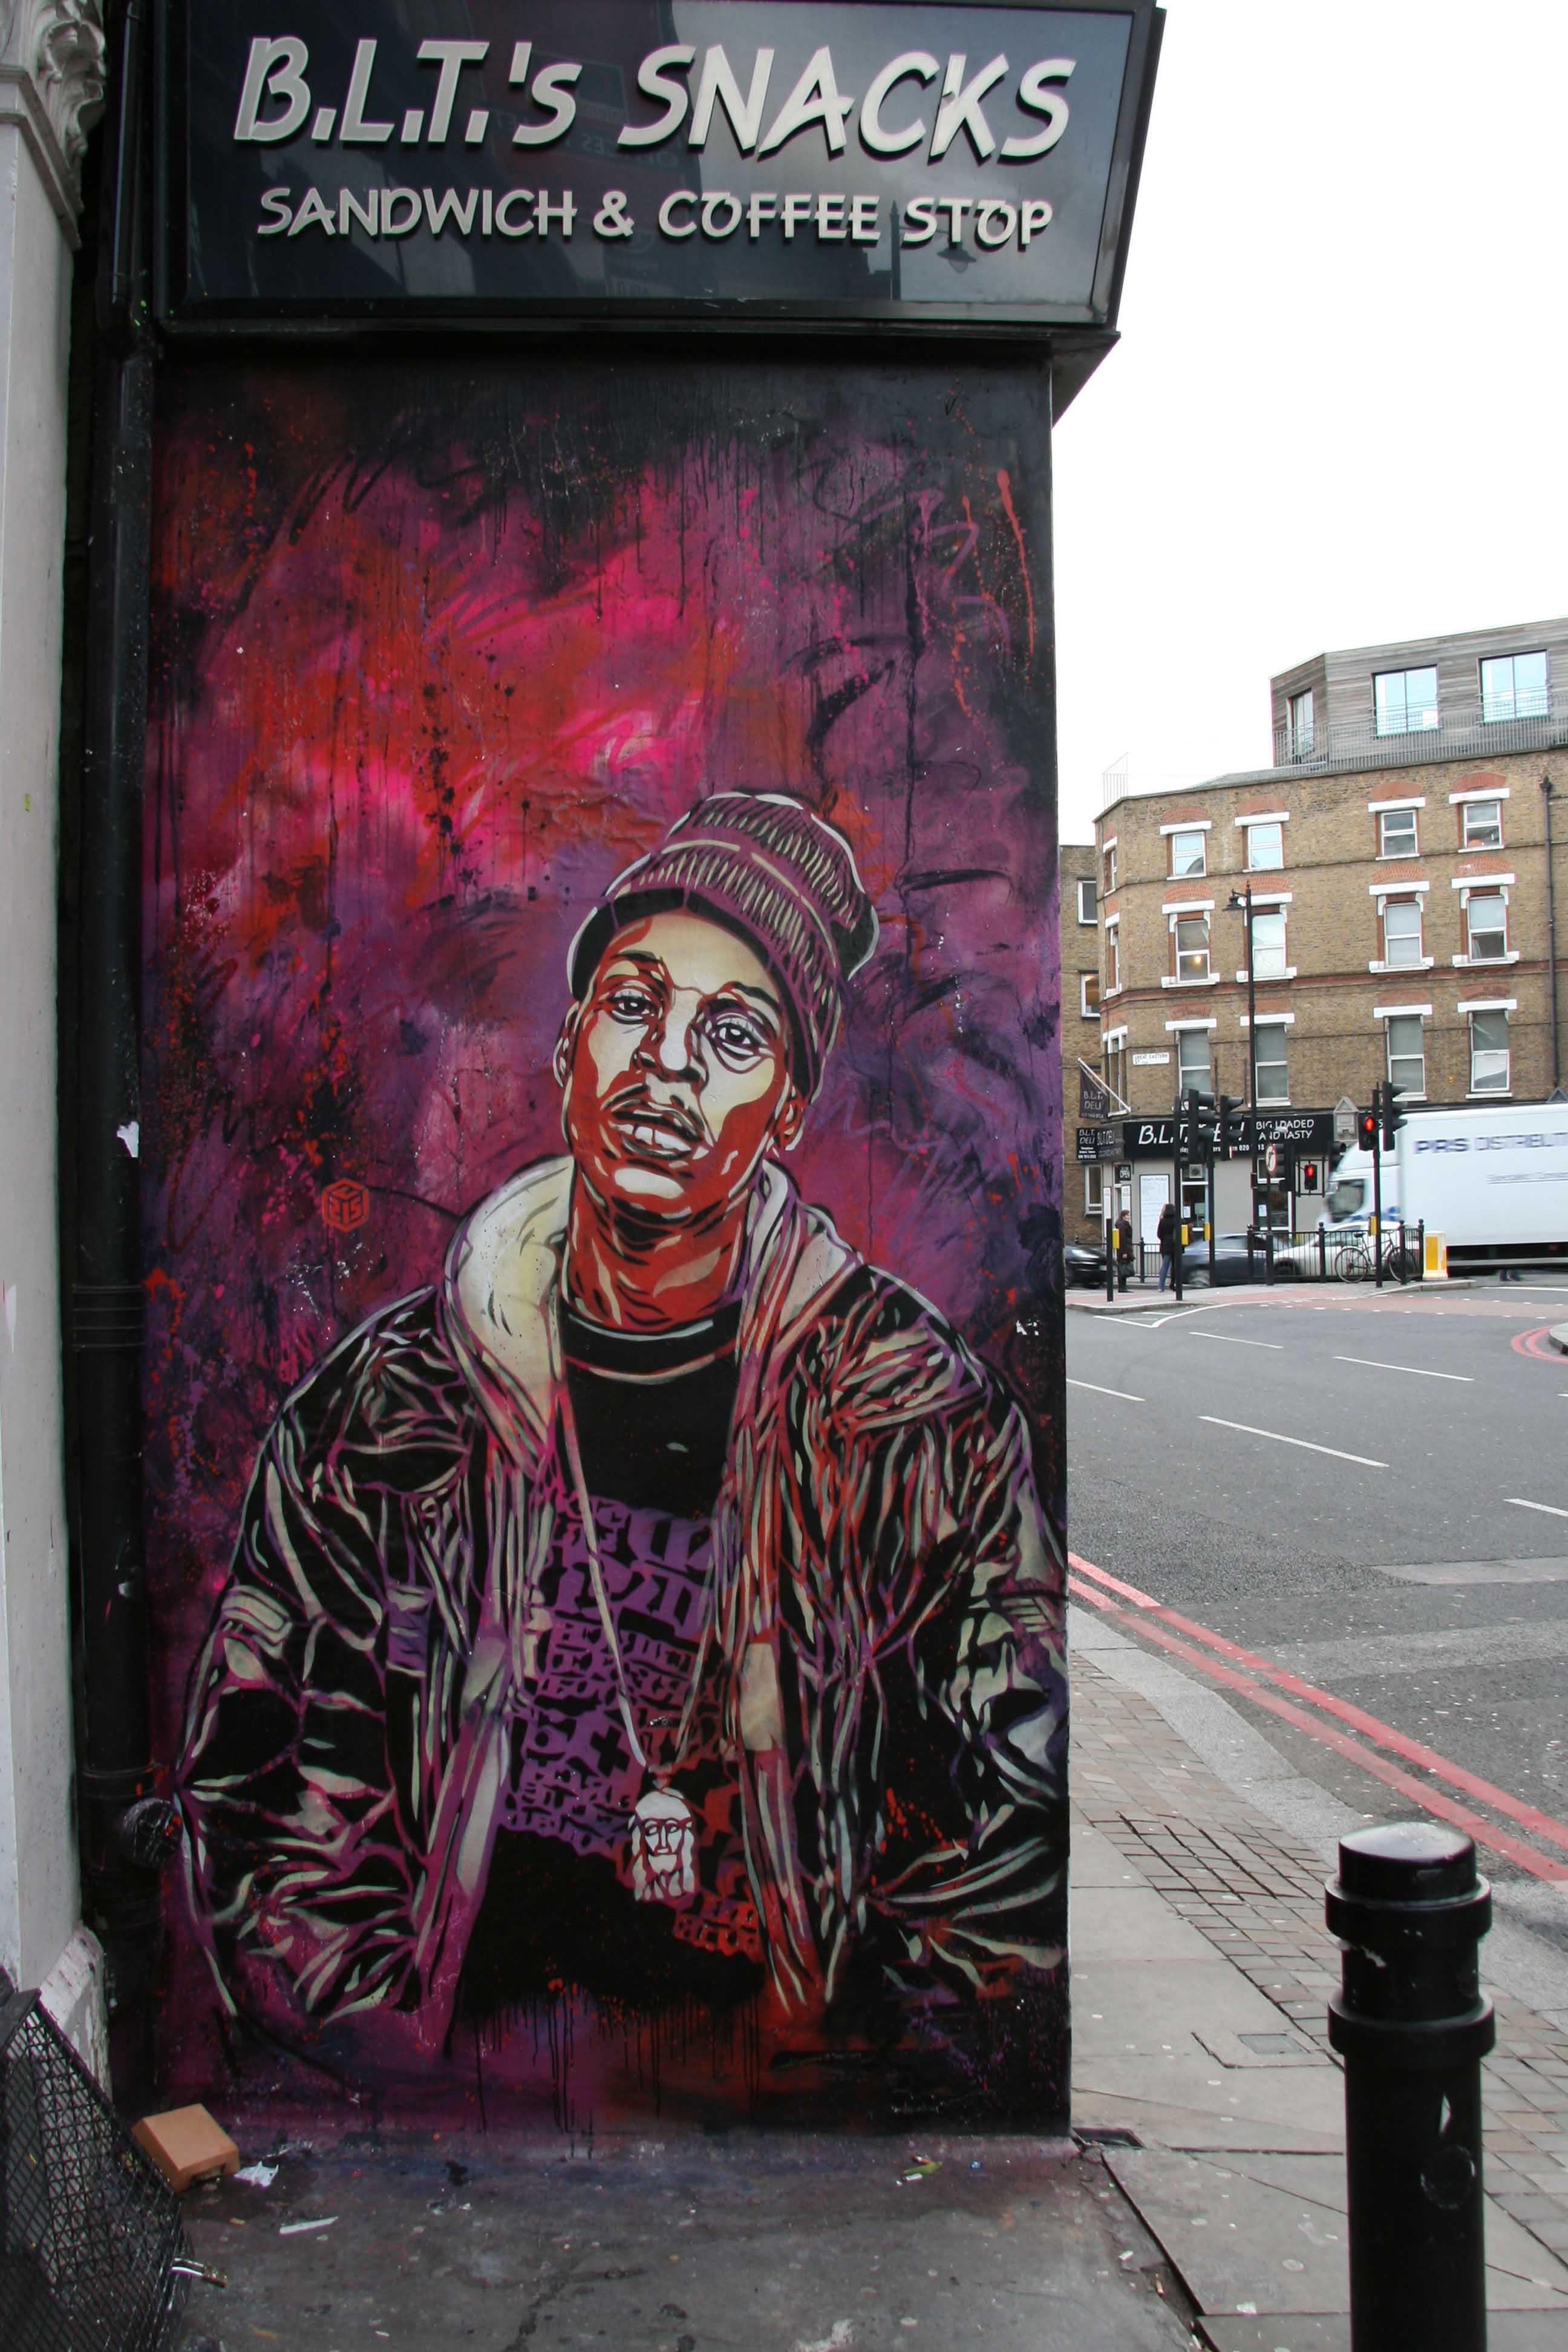 Outside Signal Gallery - Street Art by C215 in London